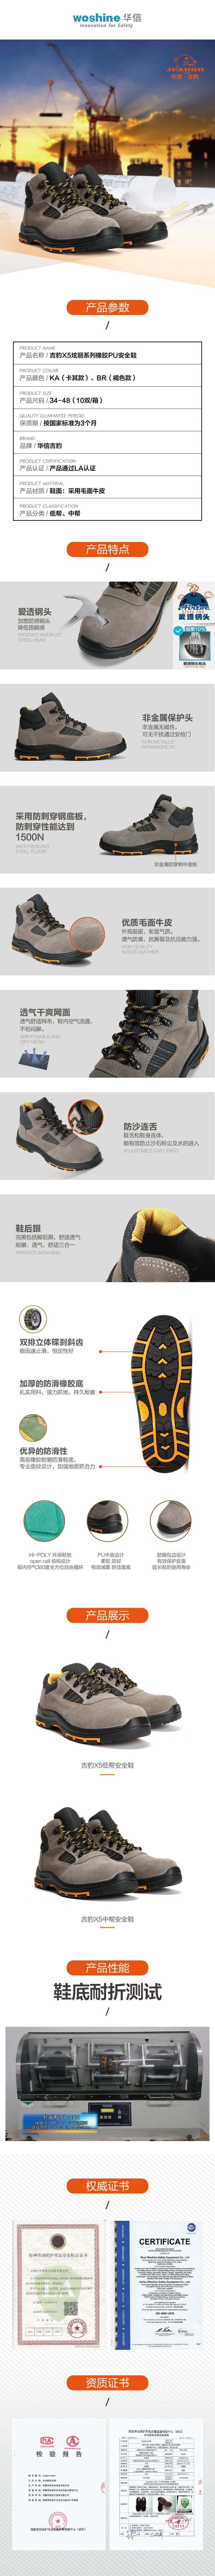 X5华信劳保鞋